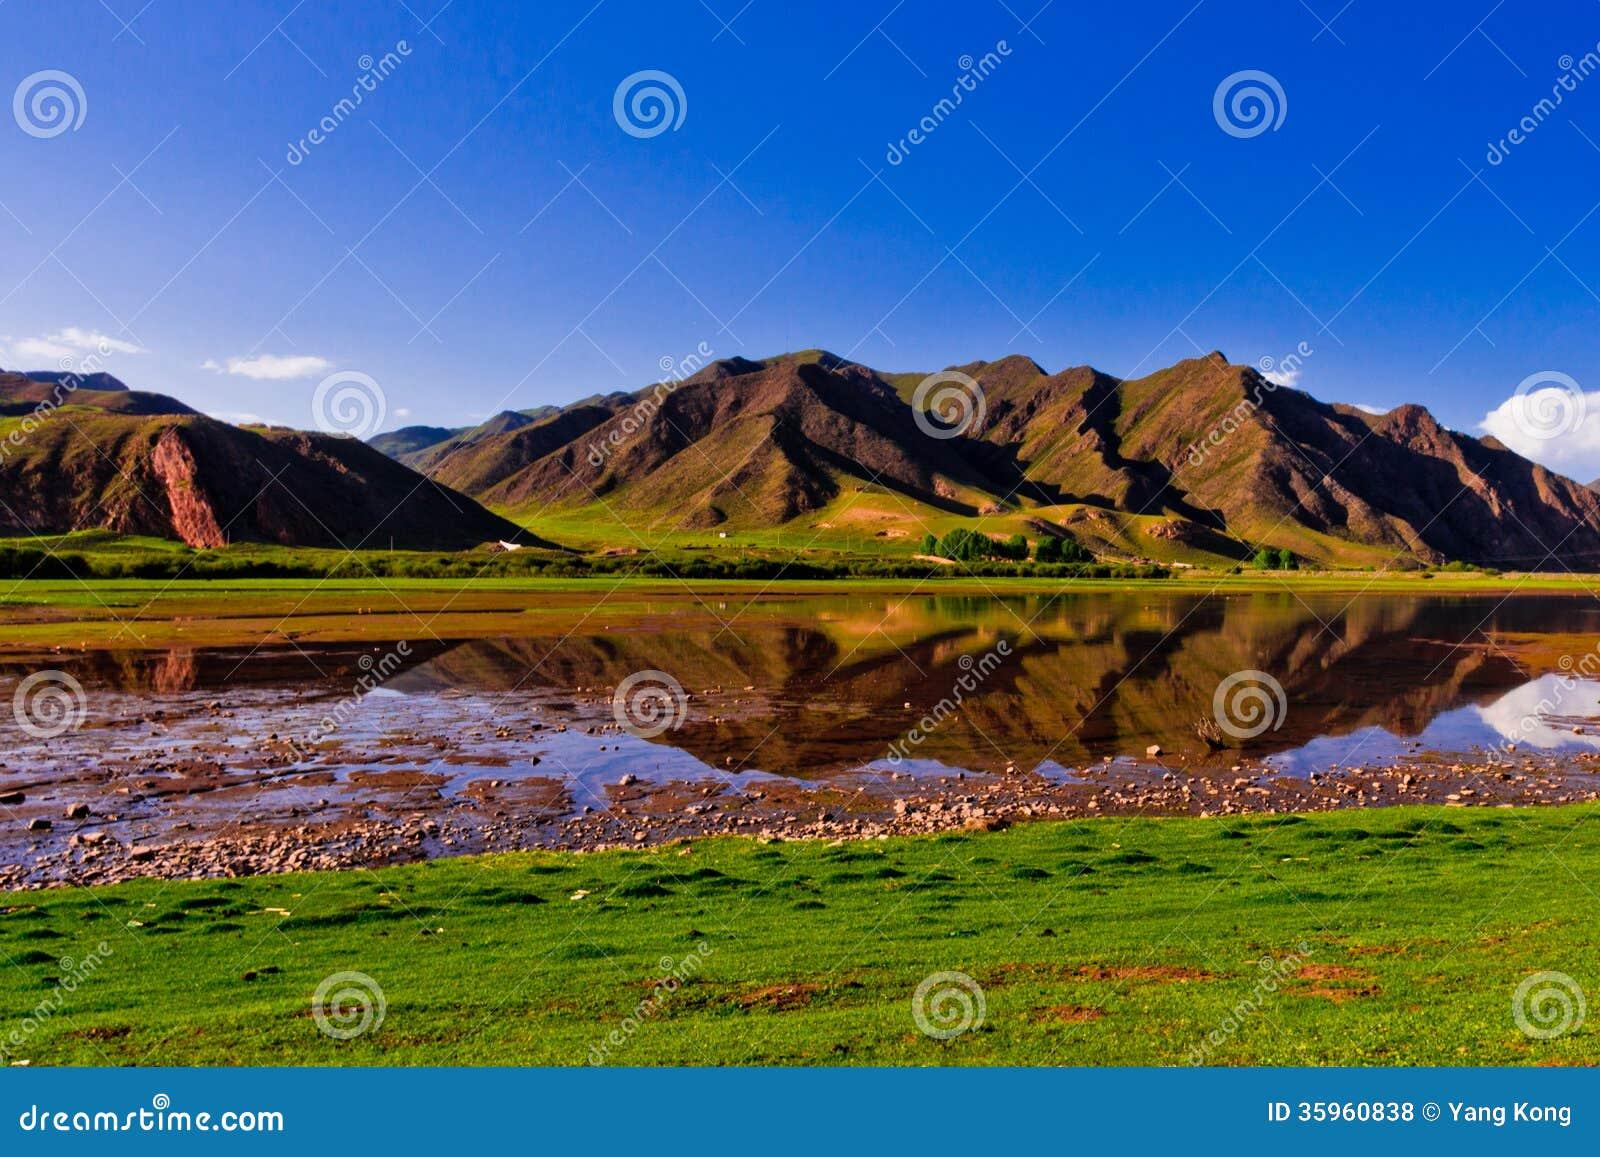 Prado, río y montaña